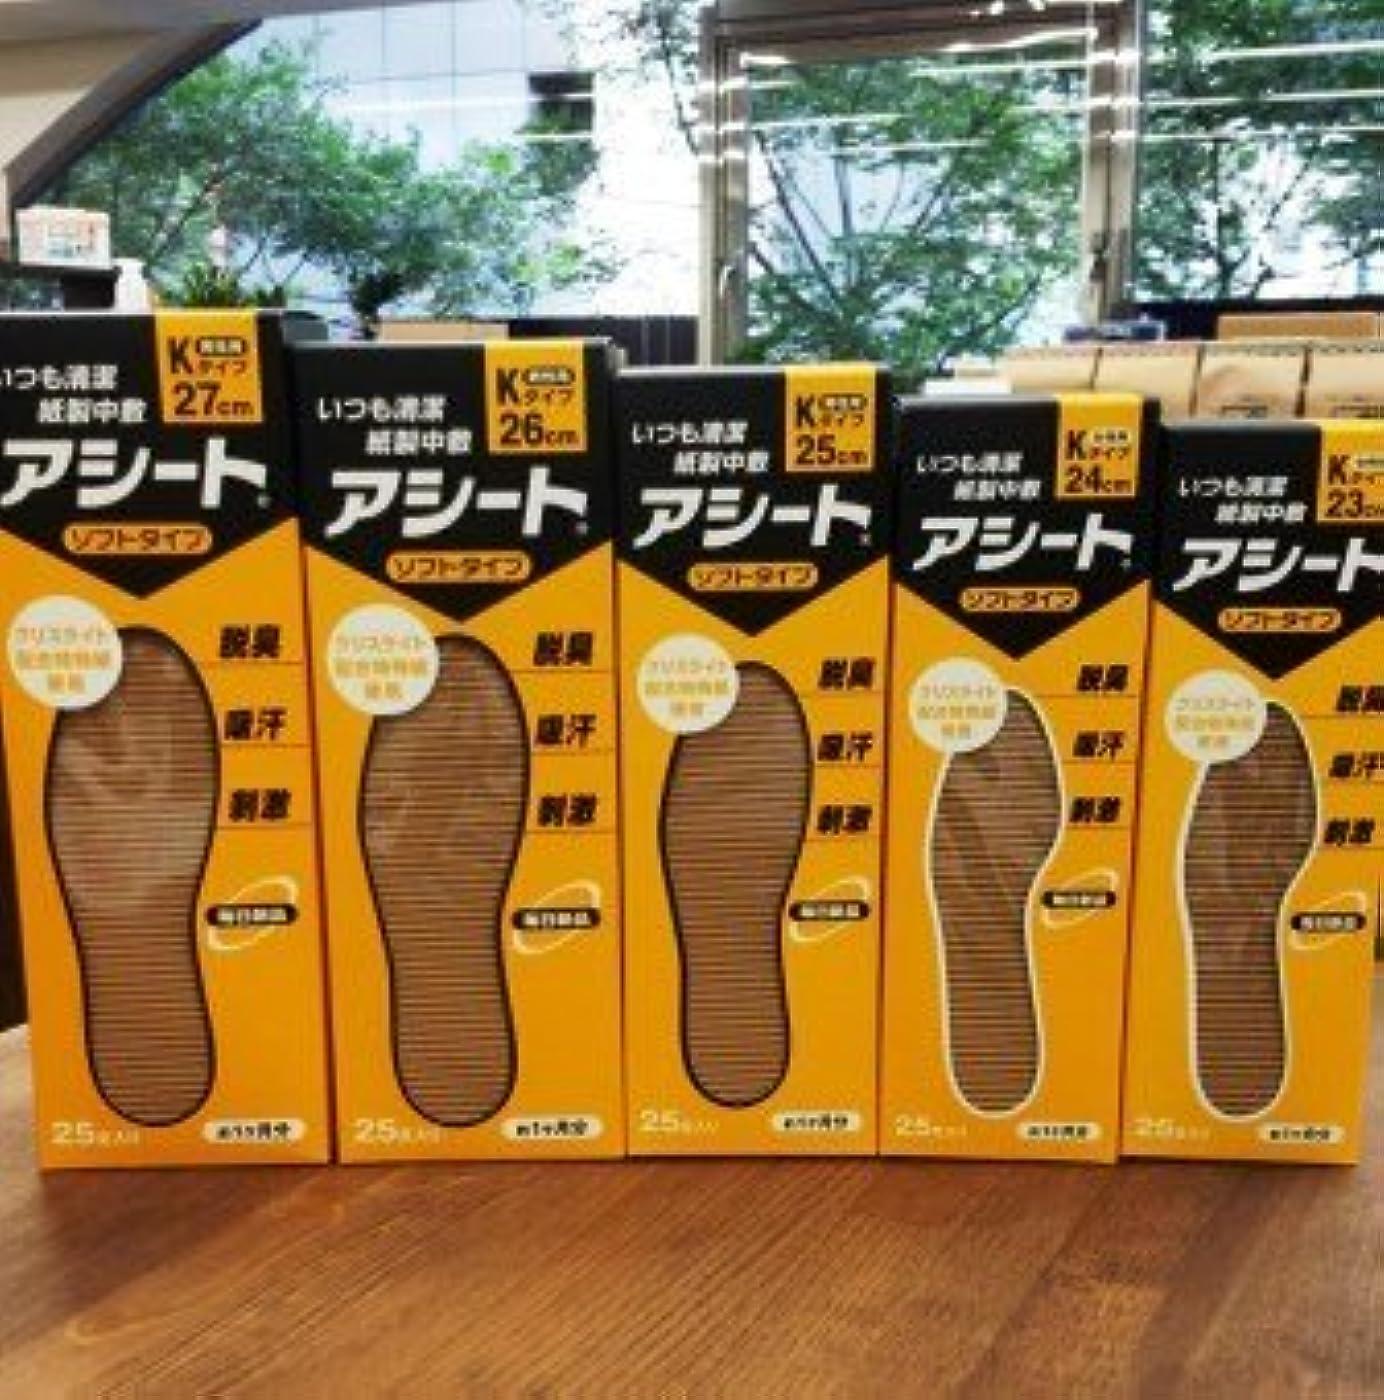 講堂子豚松の木アシートKタイプ(サイズ24㎝)25足入×2箱セット(4足増量中)